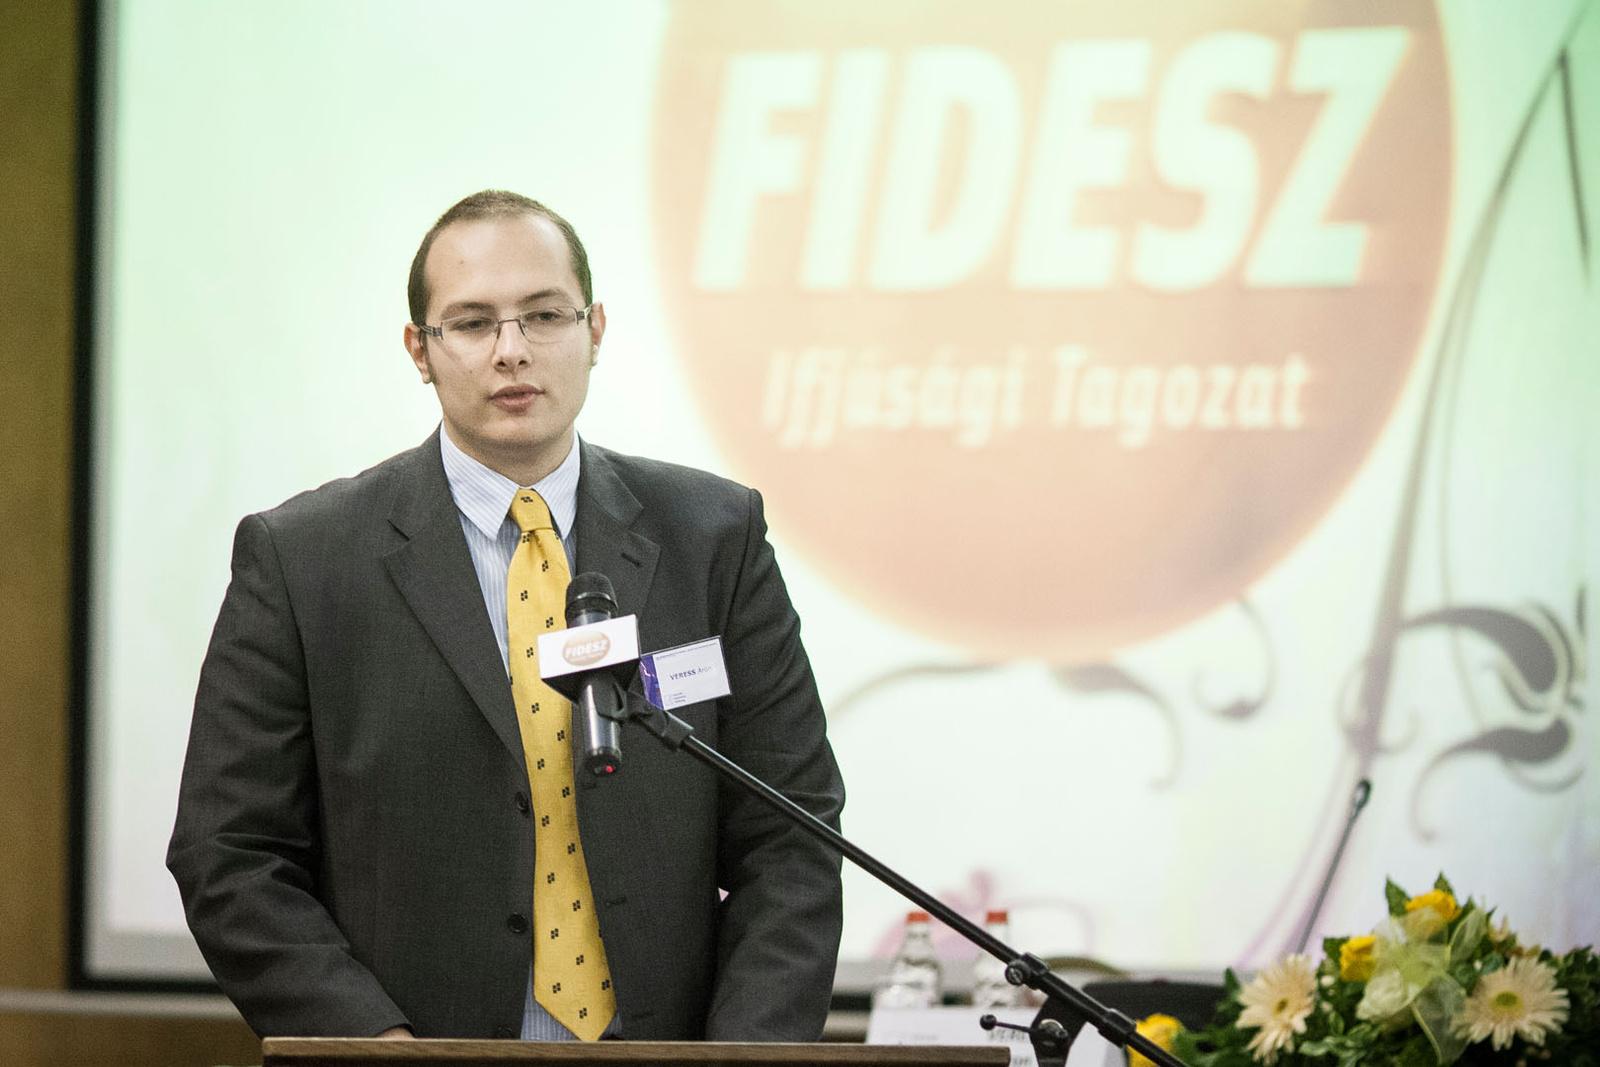 Veress Áron, a Fidesz Ifjúsági Tagozatának elnöke